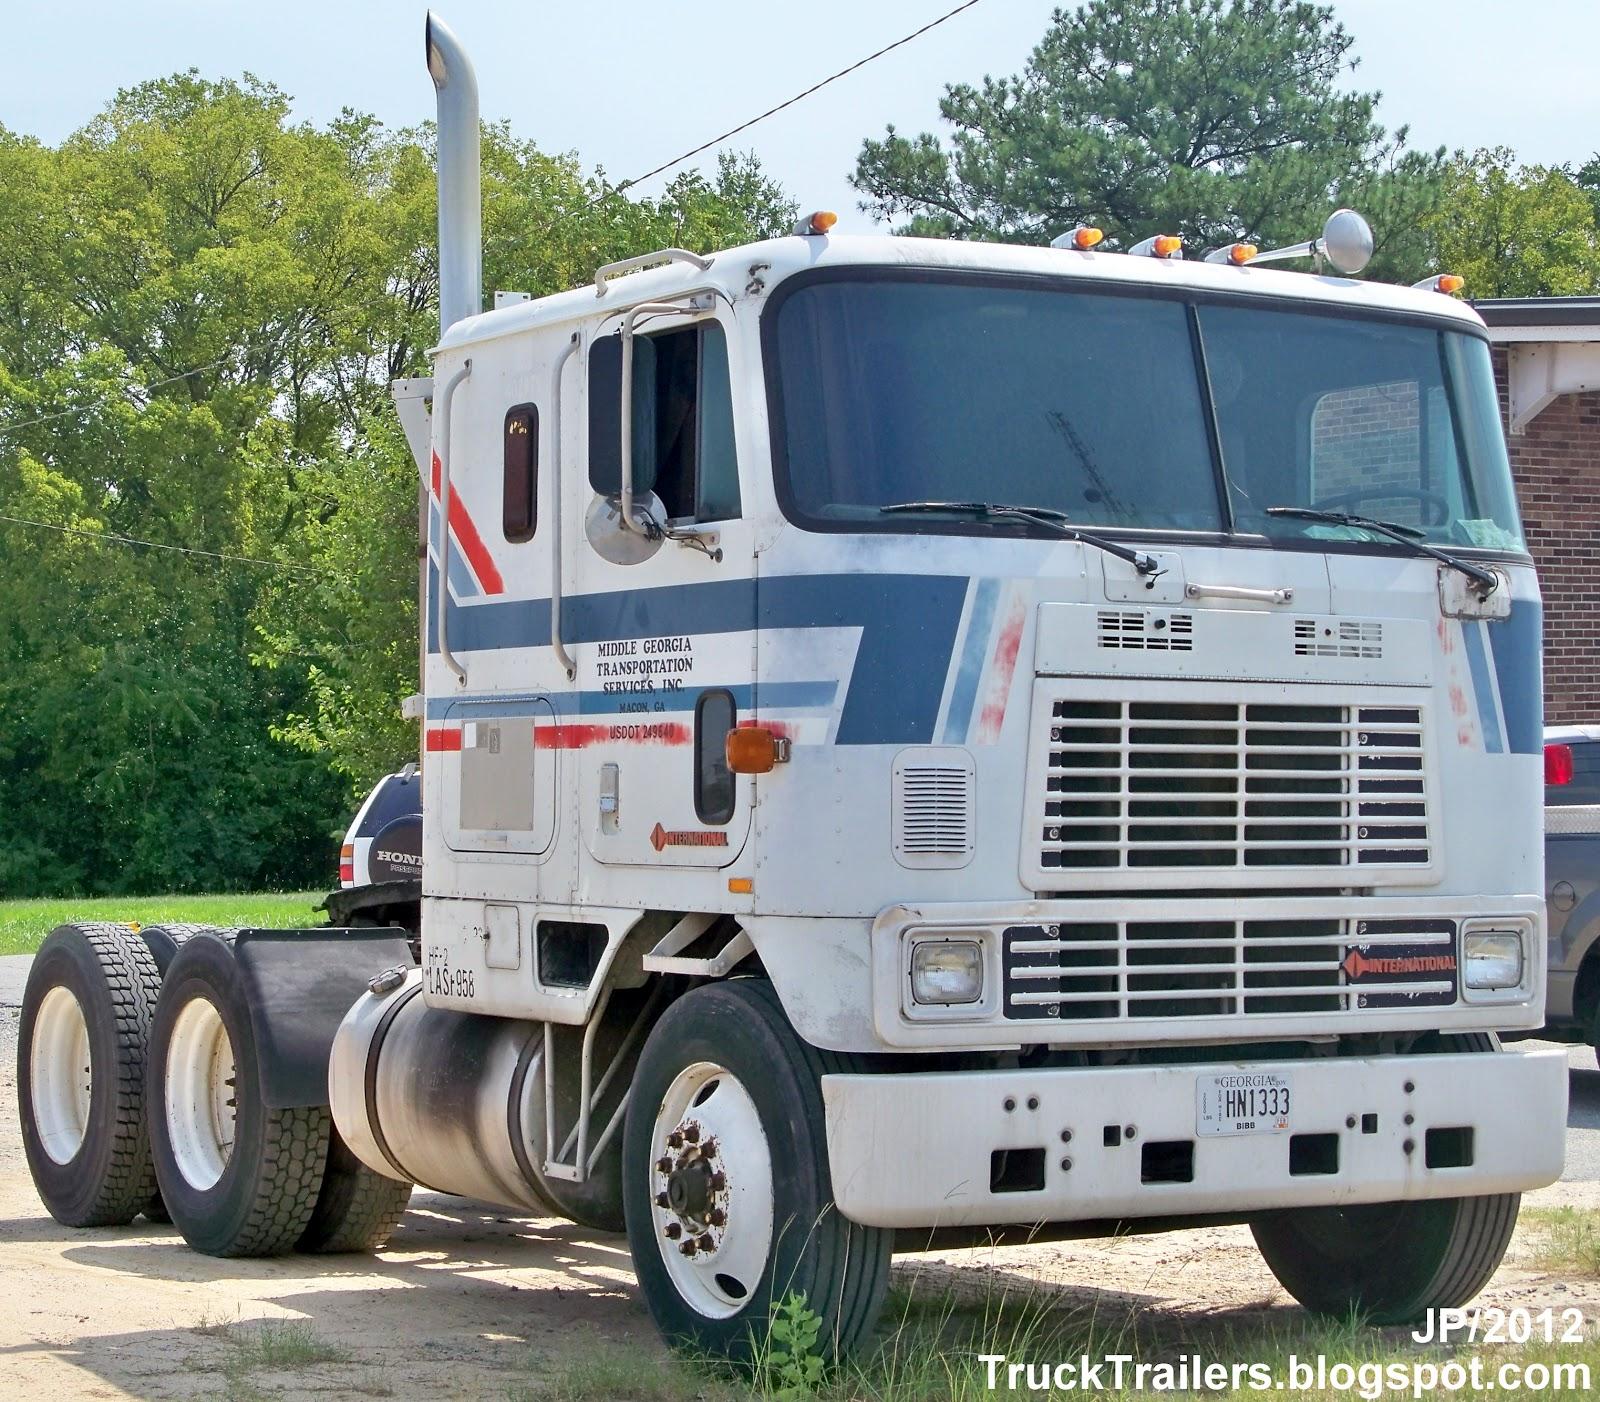 Craigslist Cabover Freightliner: Freightliner Cabover Trucks For Sale Used Cabover Trucks